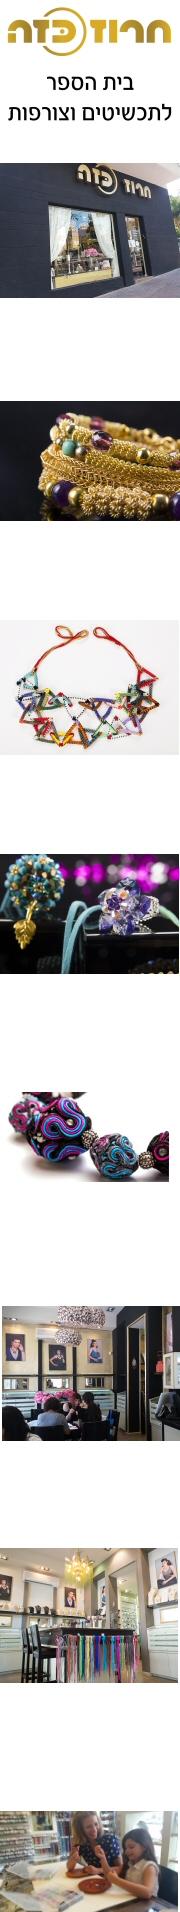 חרוז כזה - אקדמיה לתכשיטים - קורס עיצוב תכשיטים, קורס חרוזים, תל-אביב